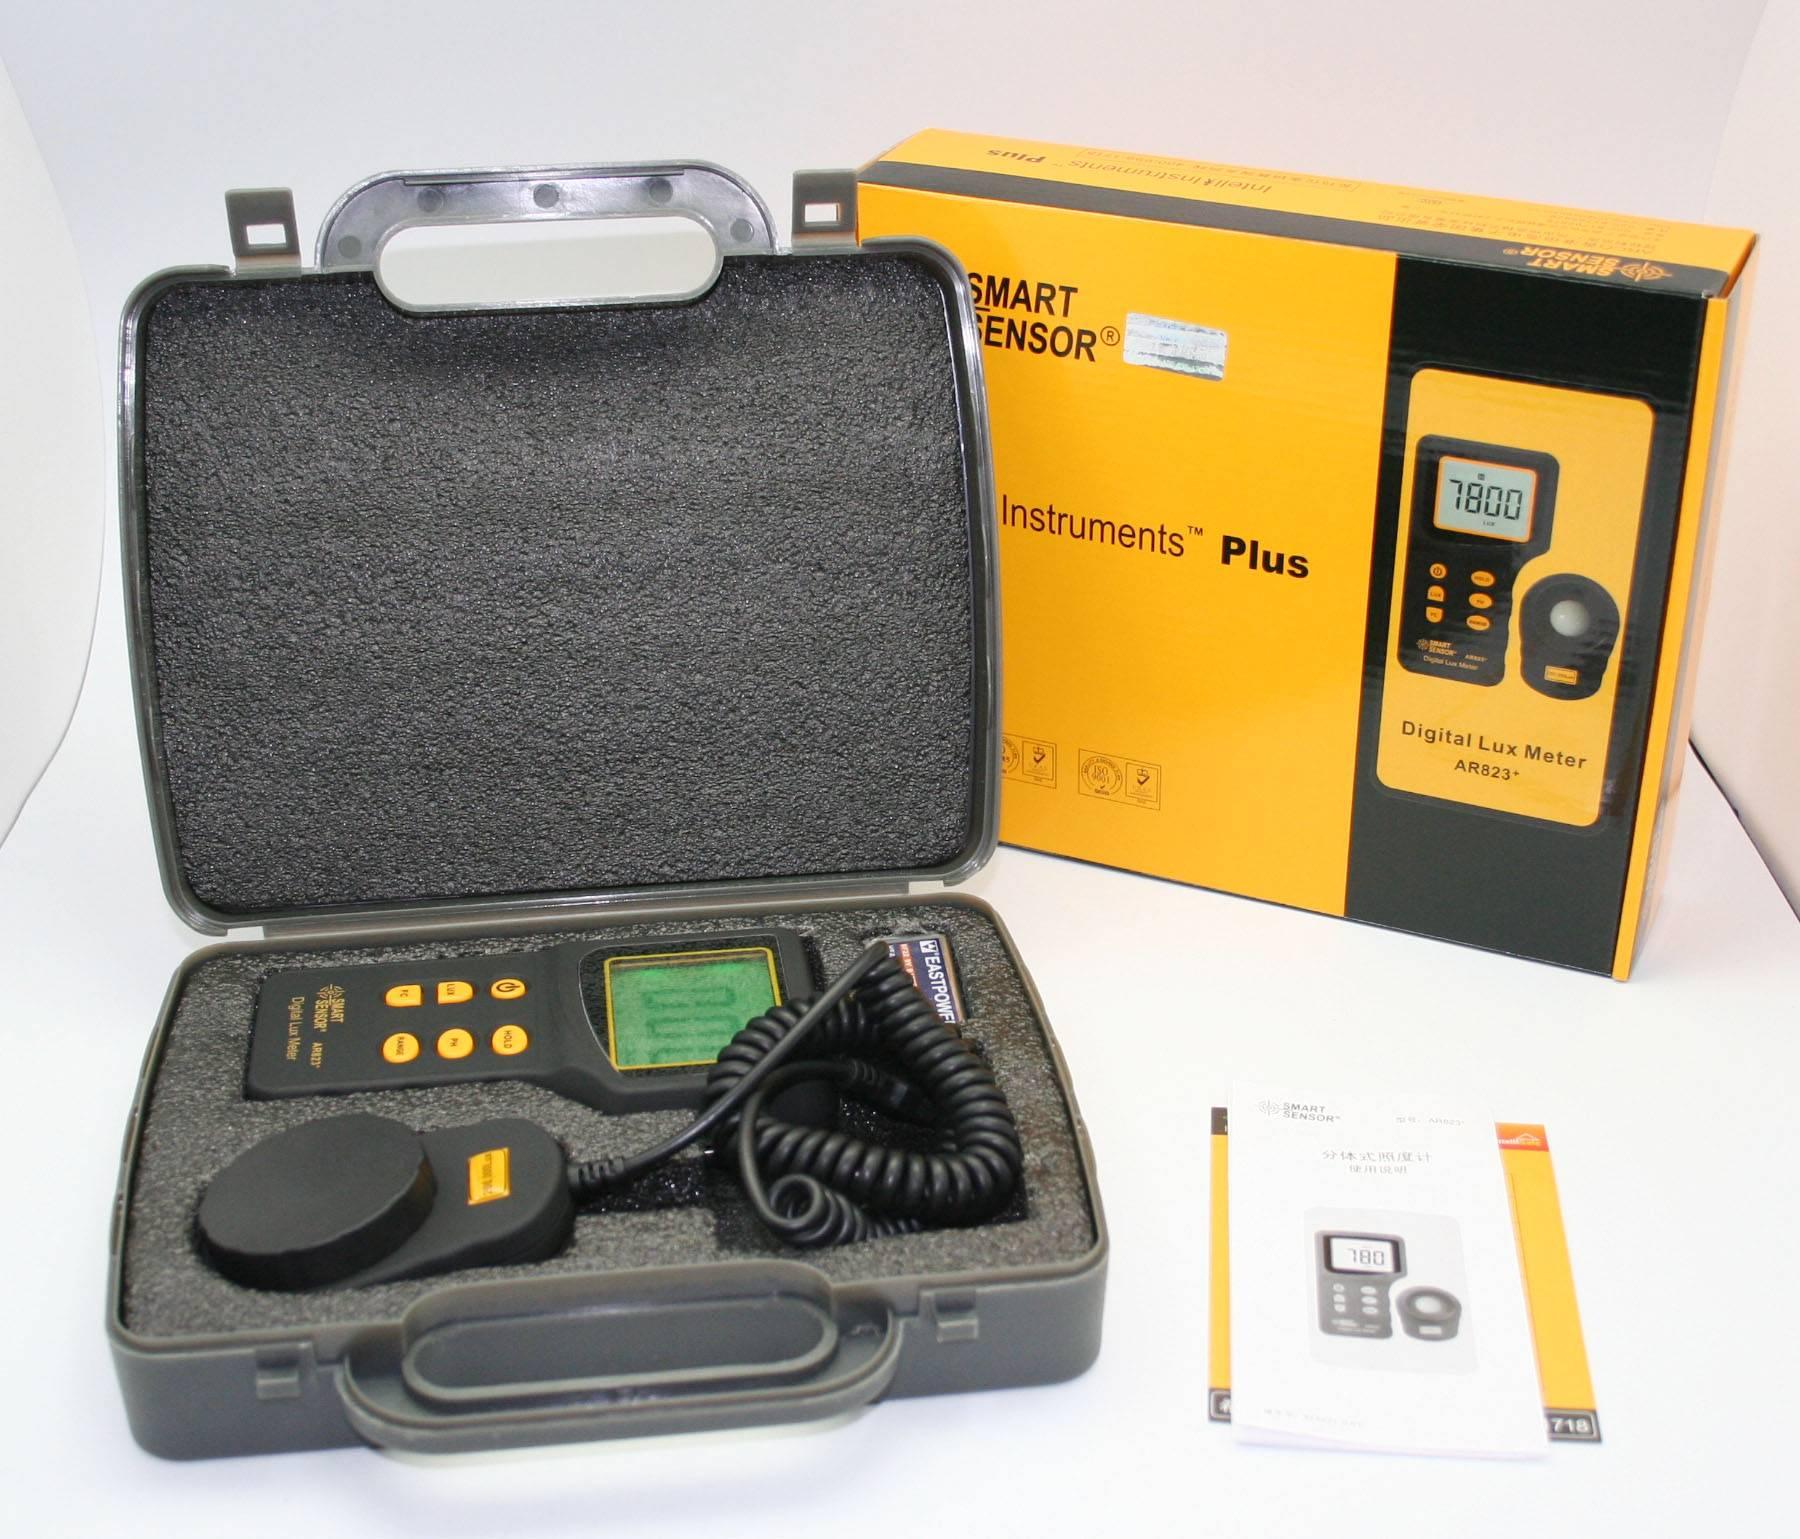 Smart Sensor Lux Meter AR823+